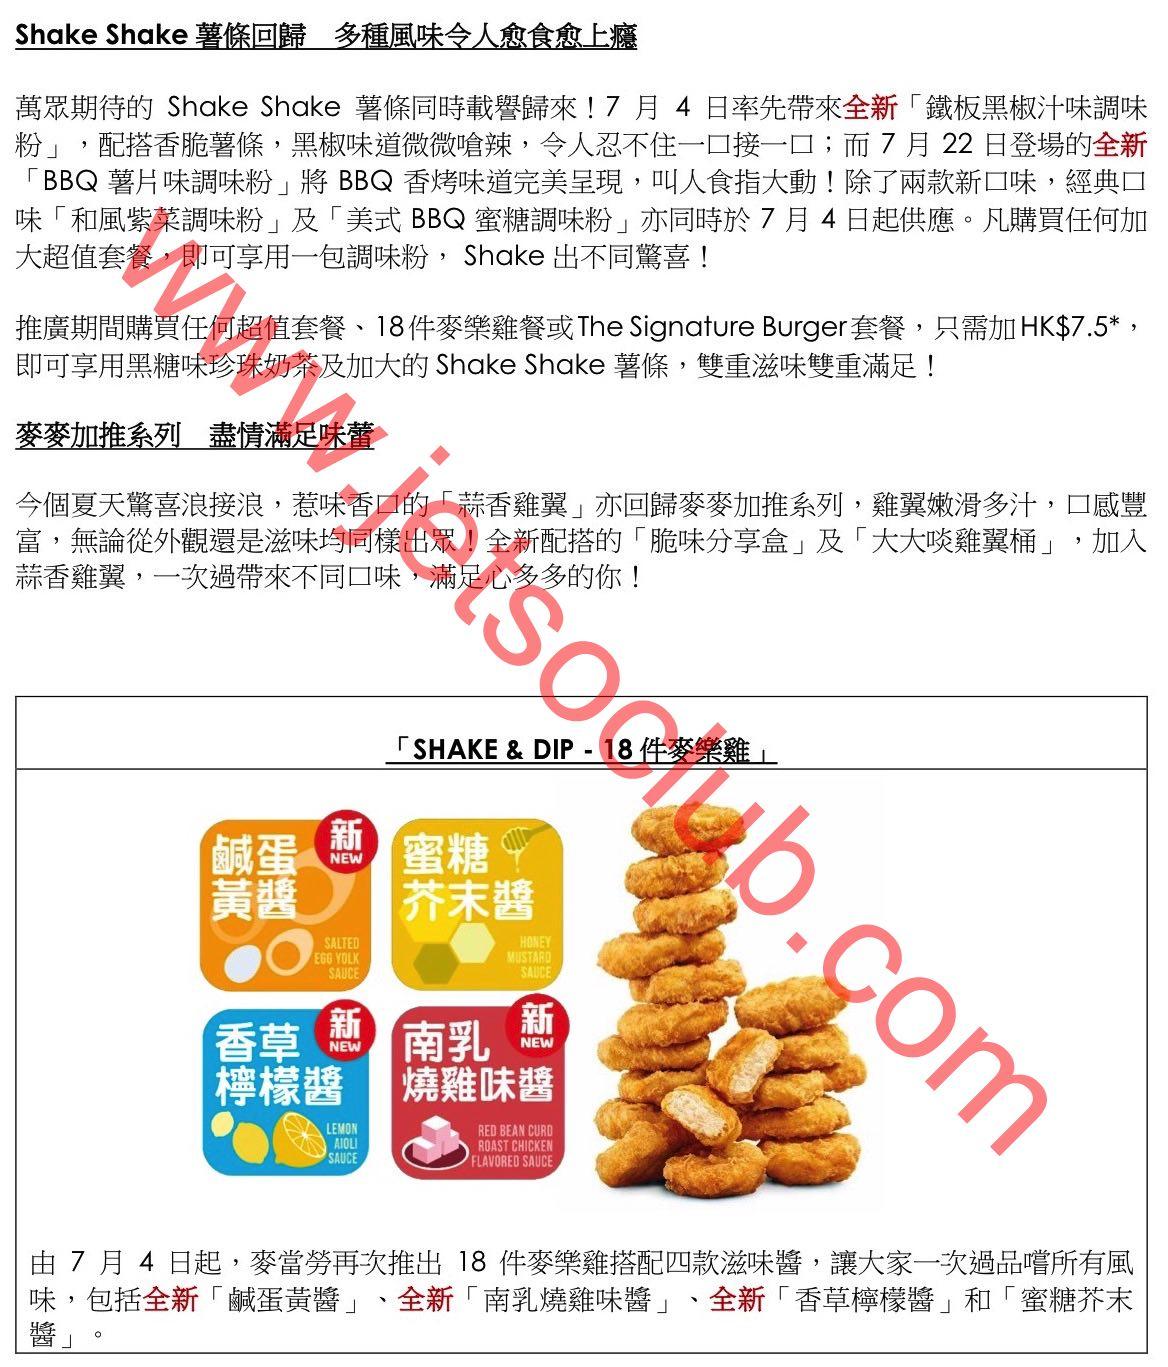 麥當勞:18件麥樂雞/Shake Shake薯條 強勢回歸(4/7起) ( Jetso Club 著數俱樂部 )